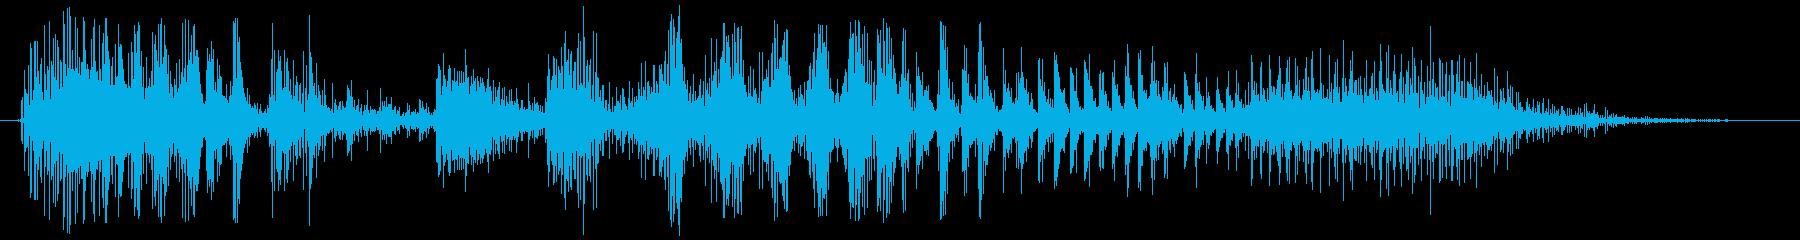 ノイズ スカットル03の再生済みの波形